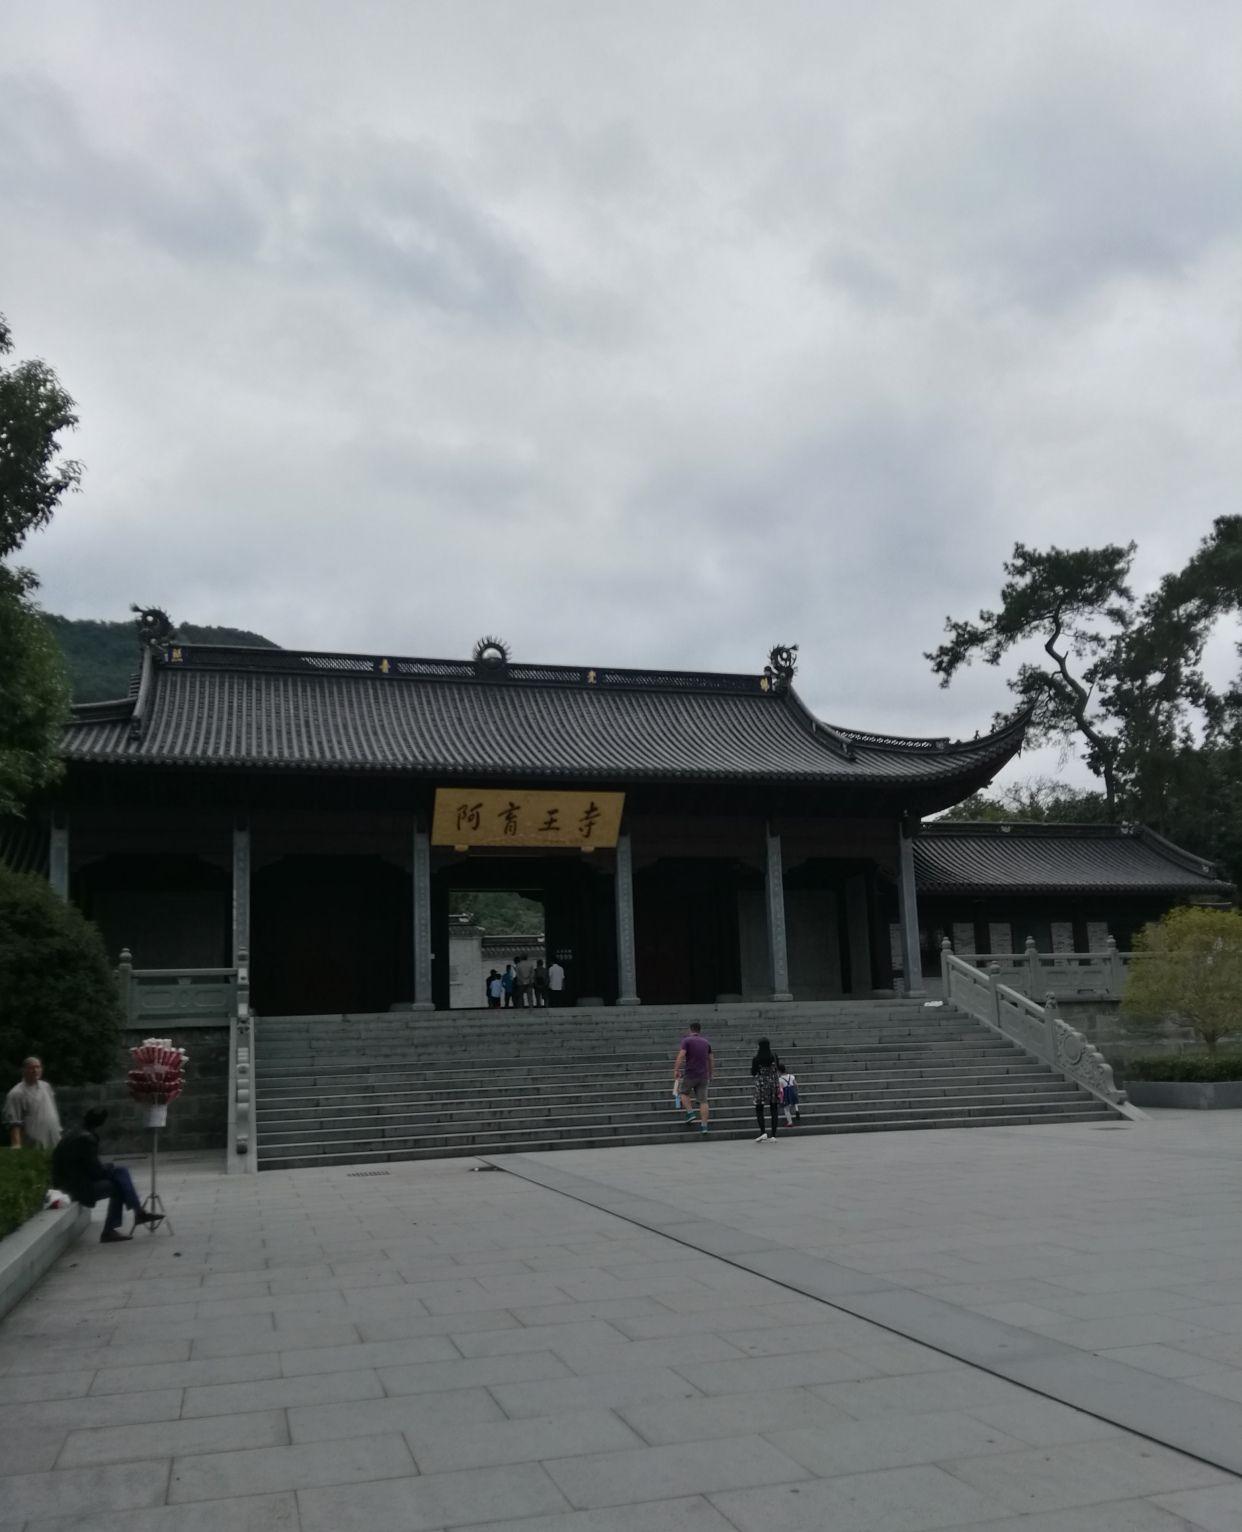 全国重点文物保护单位 浙江宁波阿育王寺游览 2017年